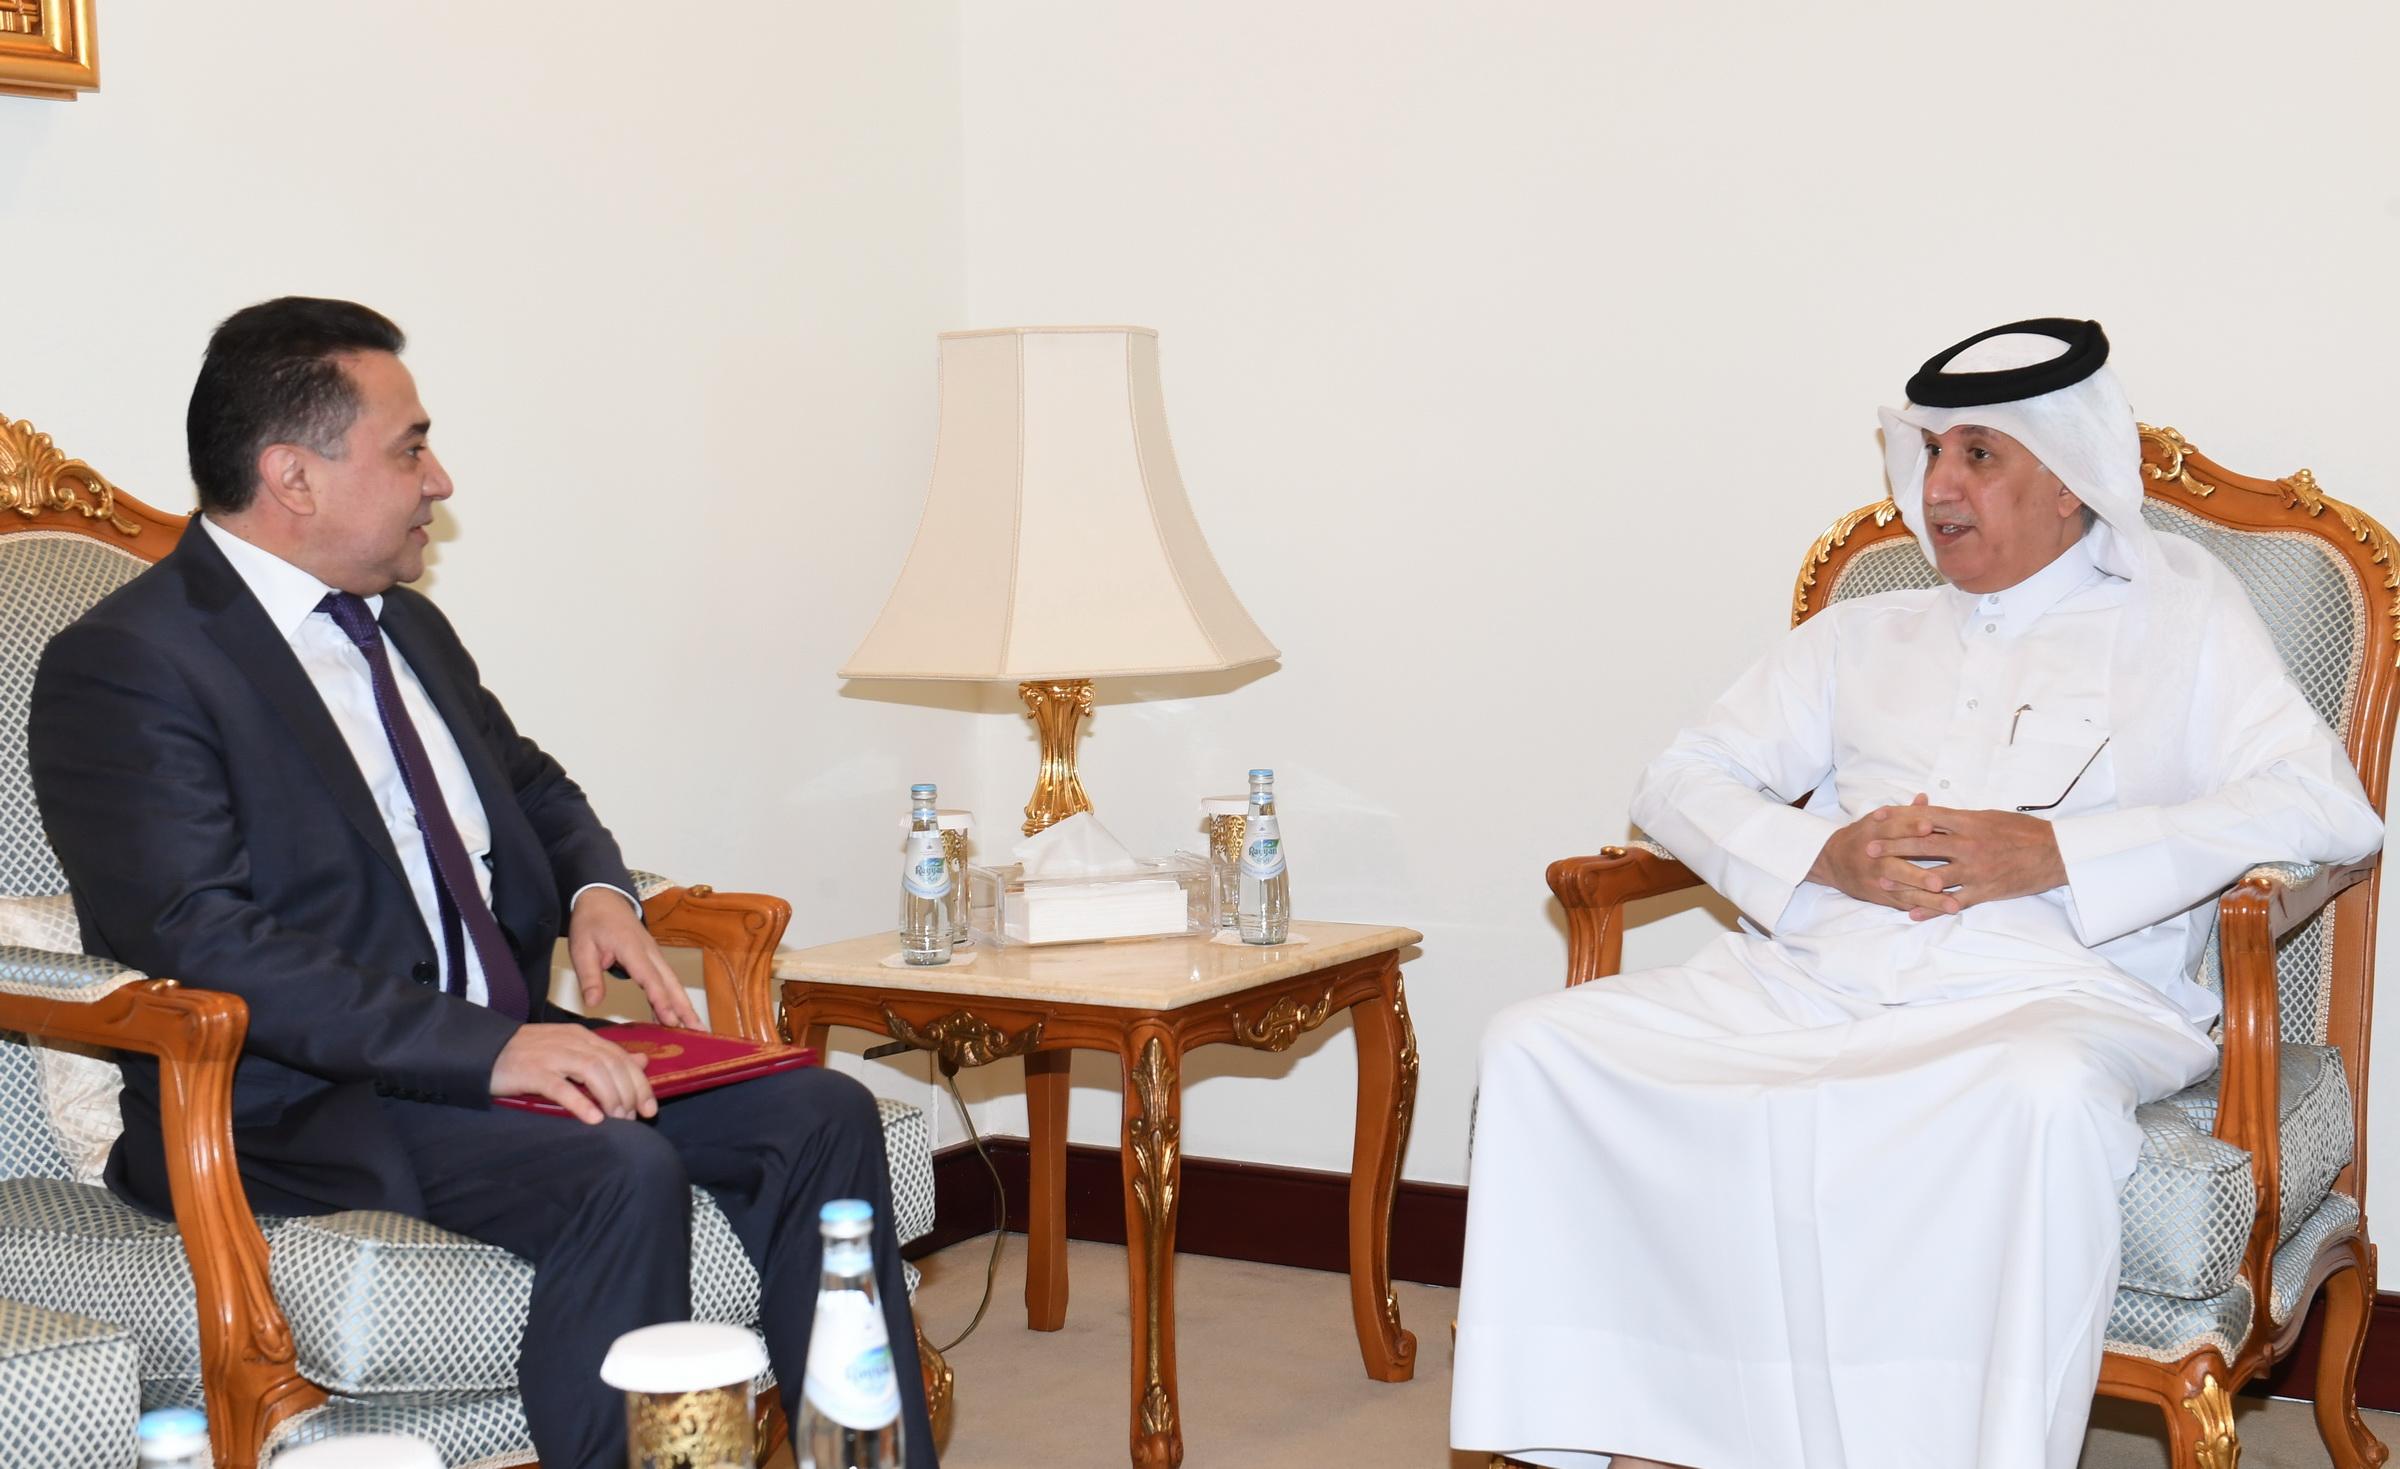 سمو الأمير يتلقى رسالة من رئيس طاجيكستان